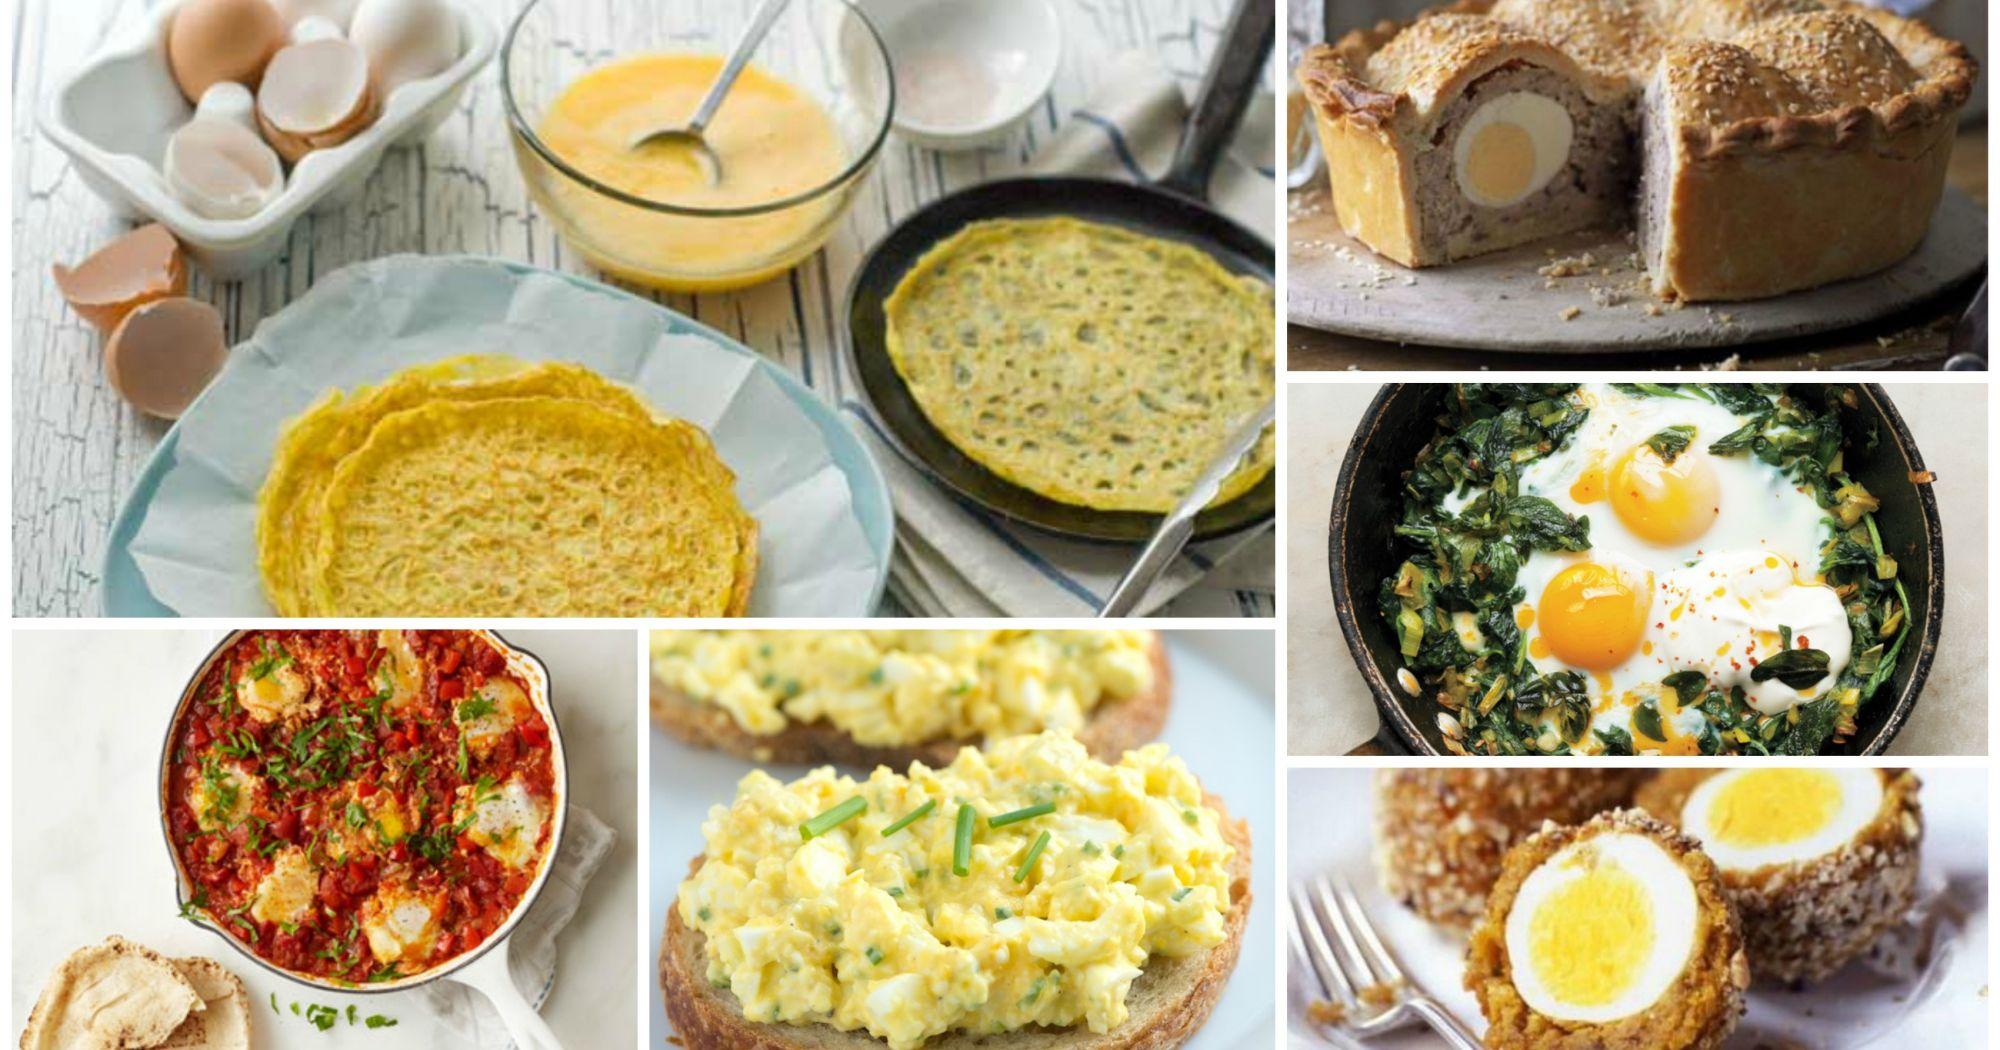 50 maneras de cocinar huevos for Formas de cocinar huevo